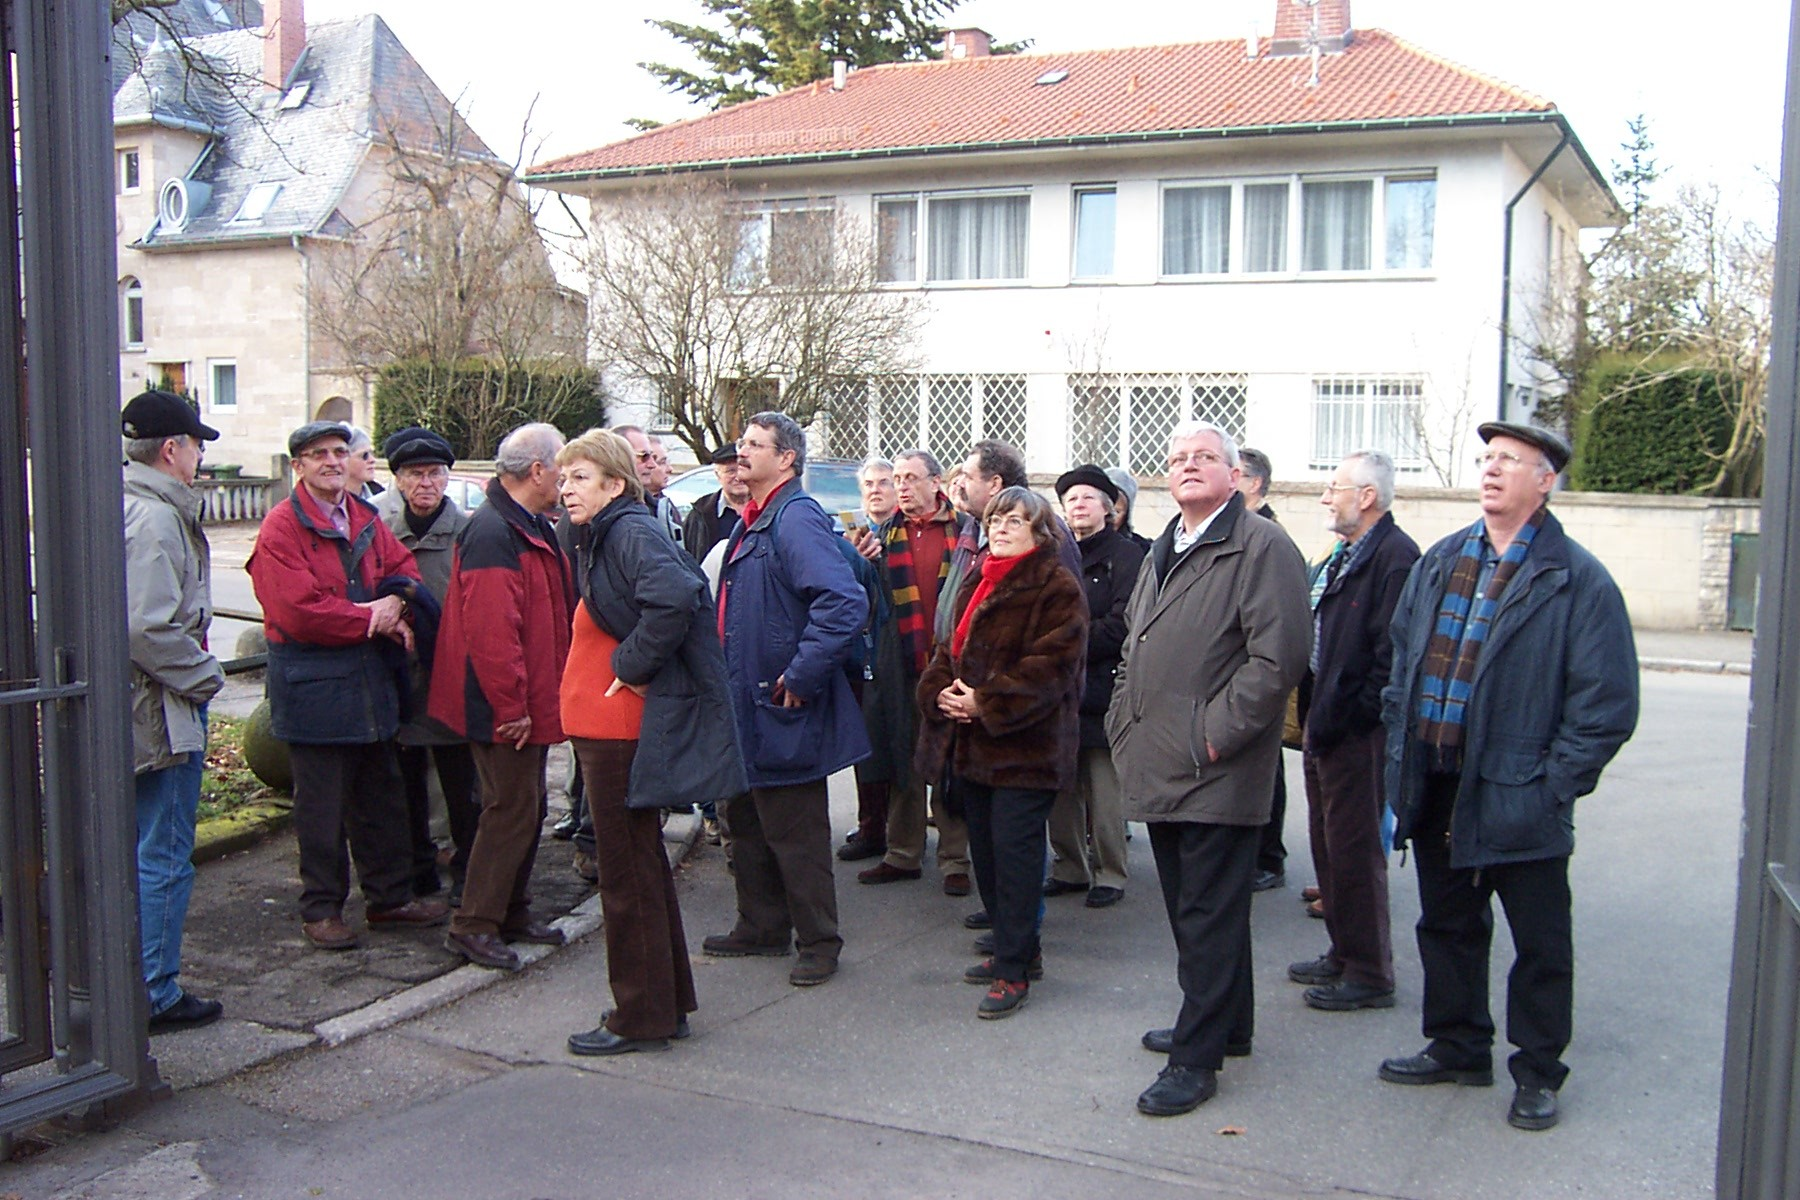 2005_02_09 Stuttgart-Feuerbach, Werksführung bei Robert Bosch